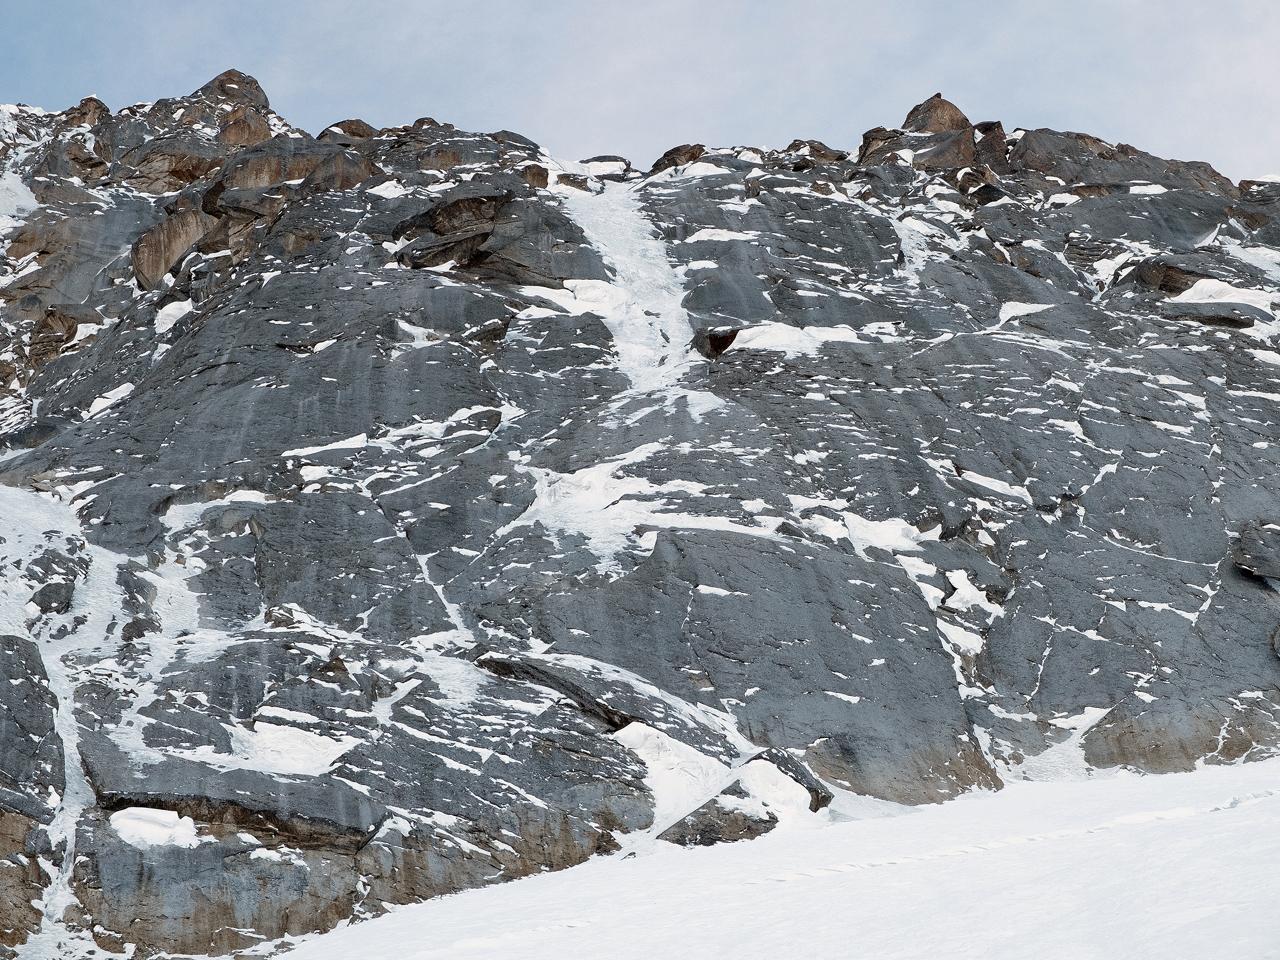 Зимнее первовосхождение на Ашатскую стену пик Сабах (5300 м): начало стенной части